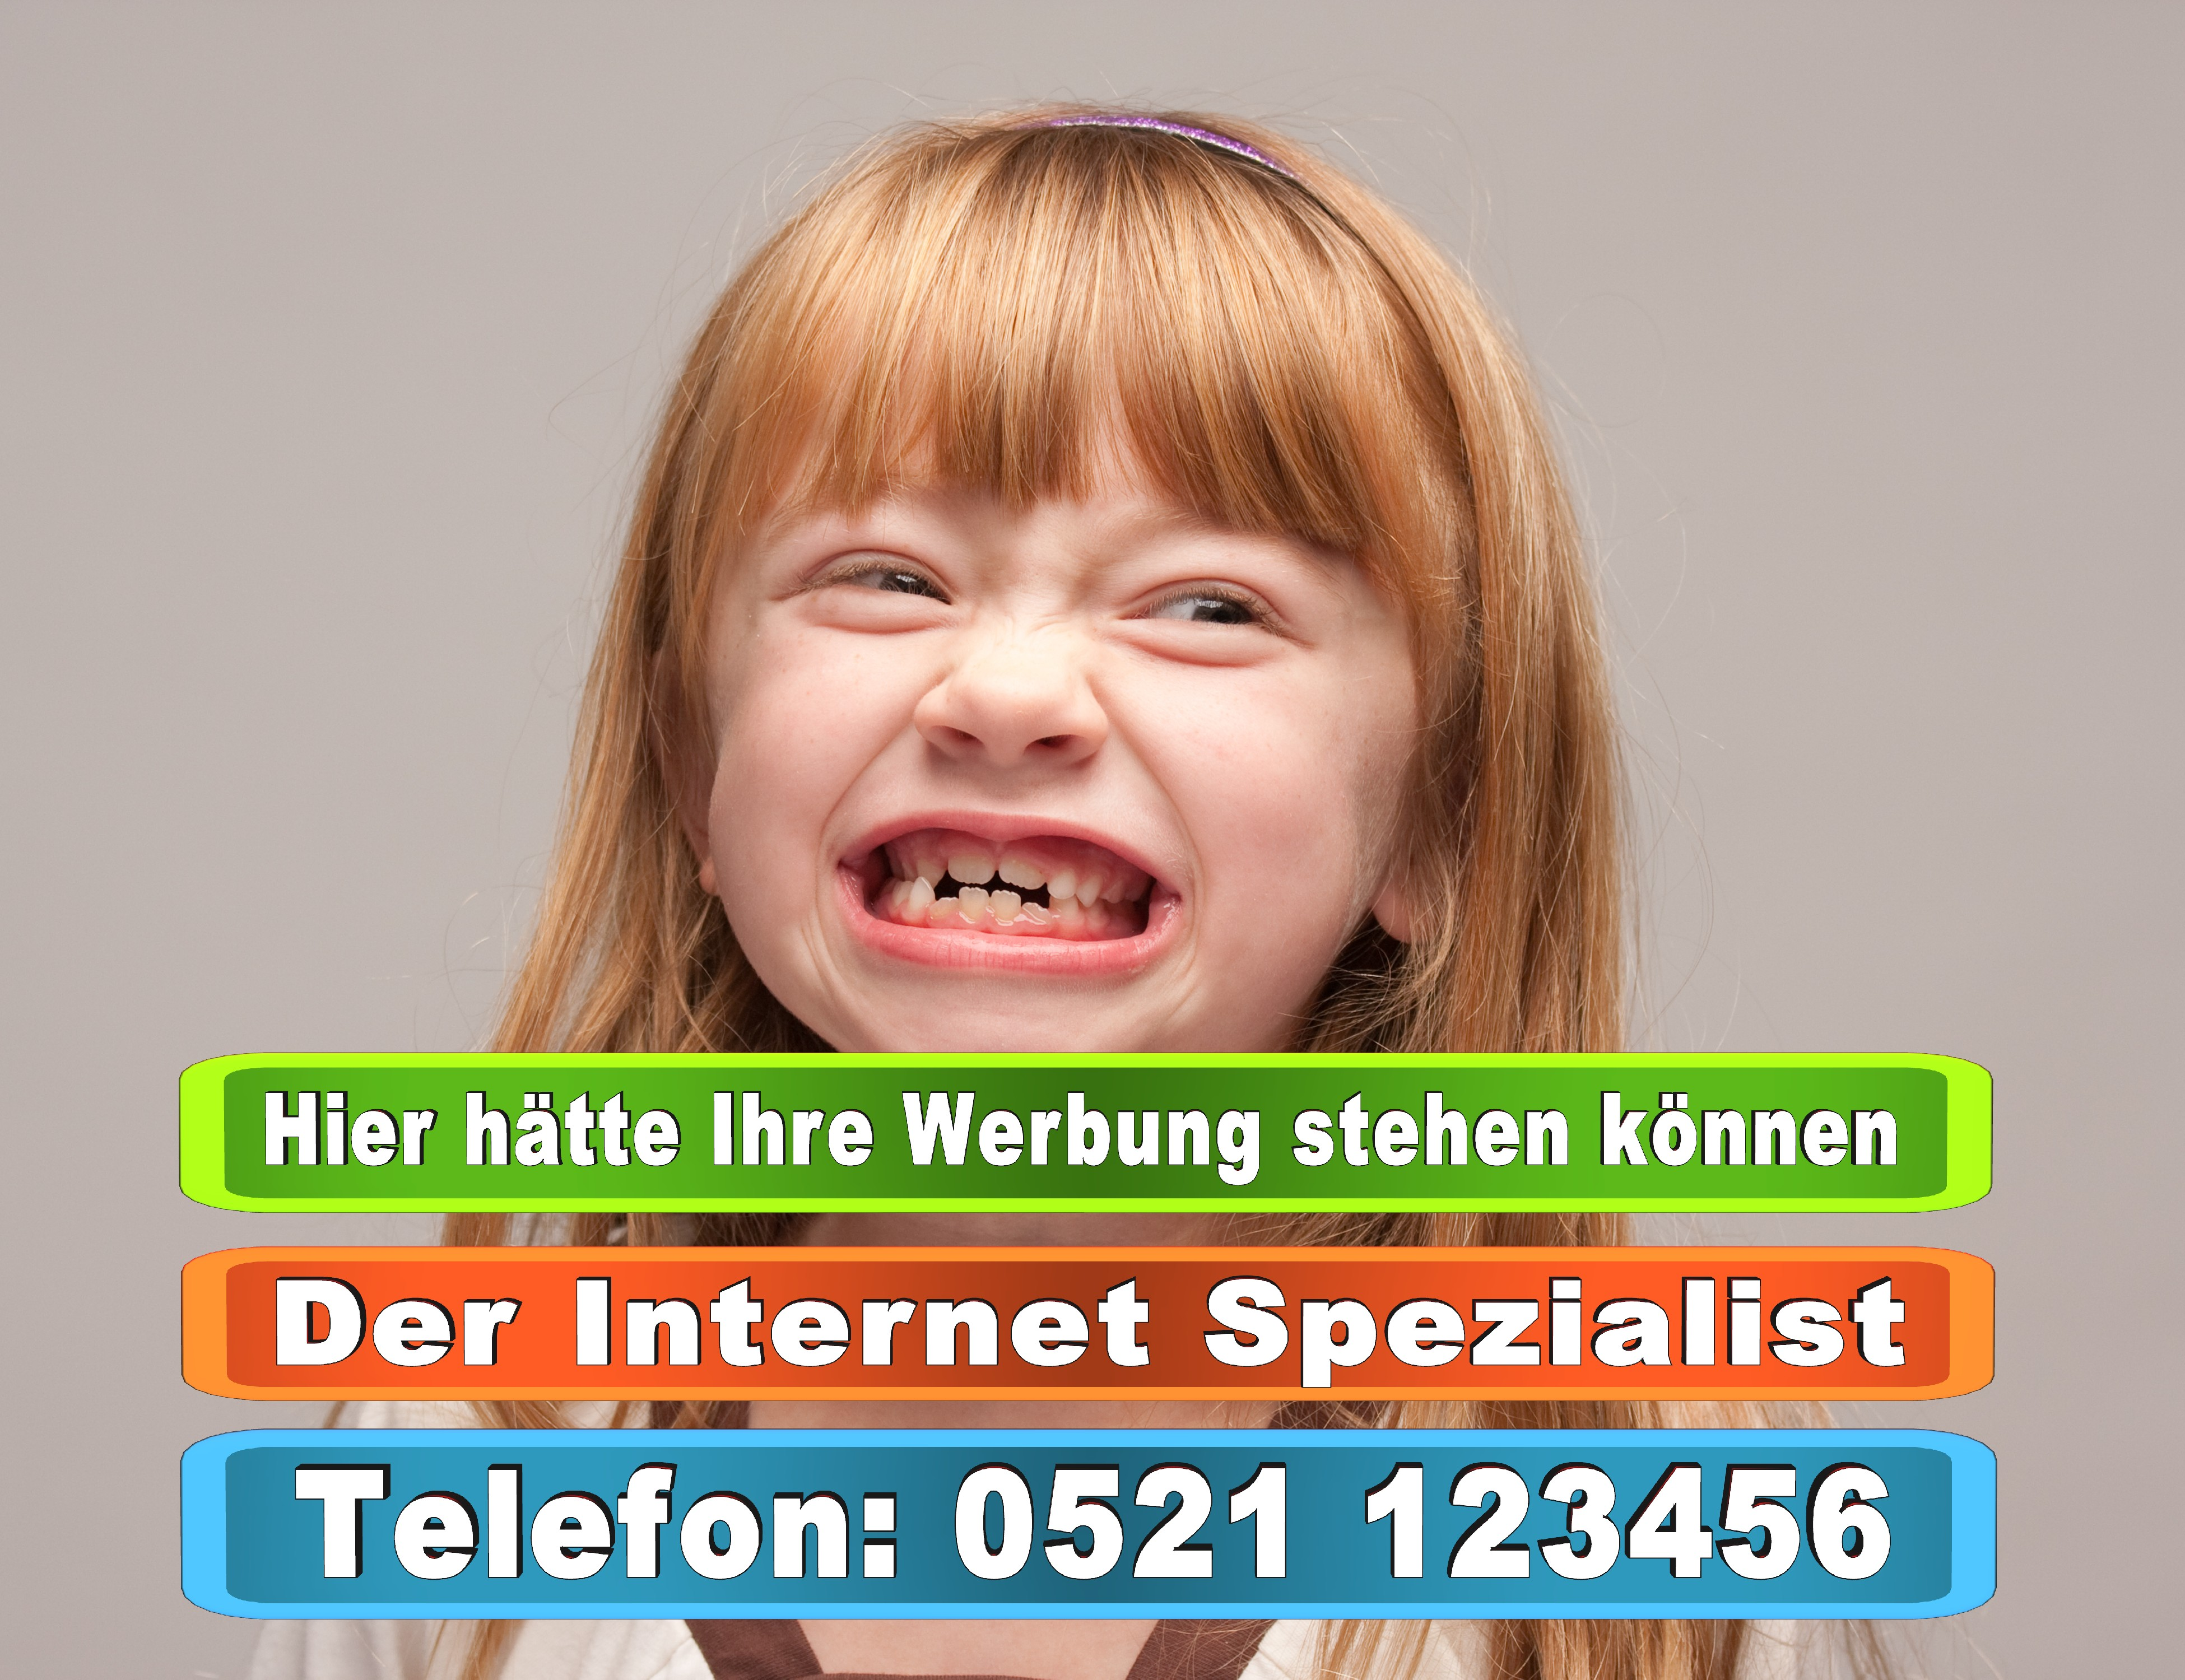 Bielefeld Werbung Werbeanzeigen Zeitungen Bielefeld OWL NRW Demonstrationen Polizei Bielefeld Kleinanzeigen Bielefeld Berlin Hamburg Köln (11)